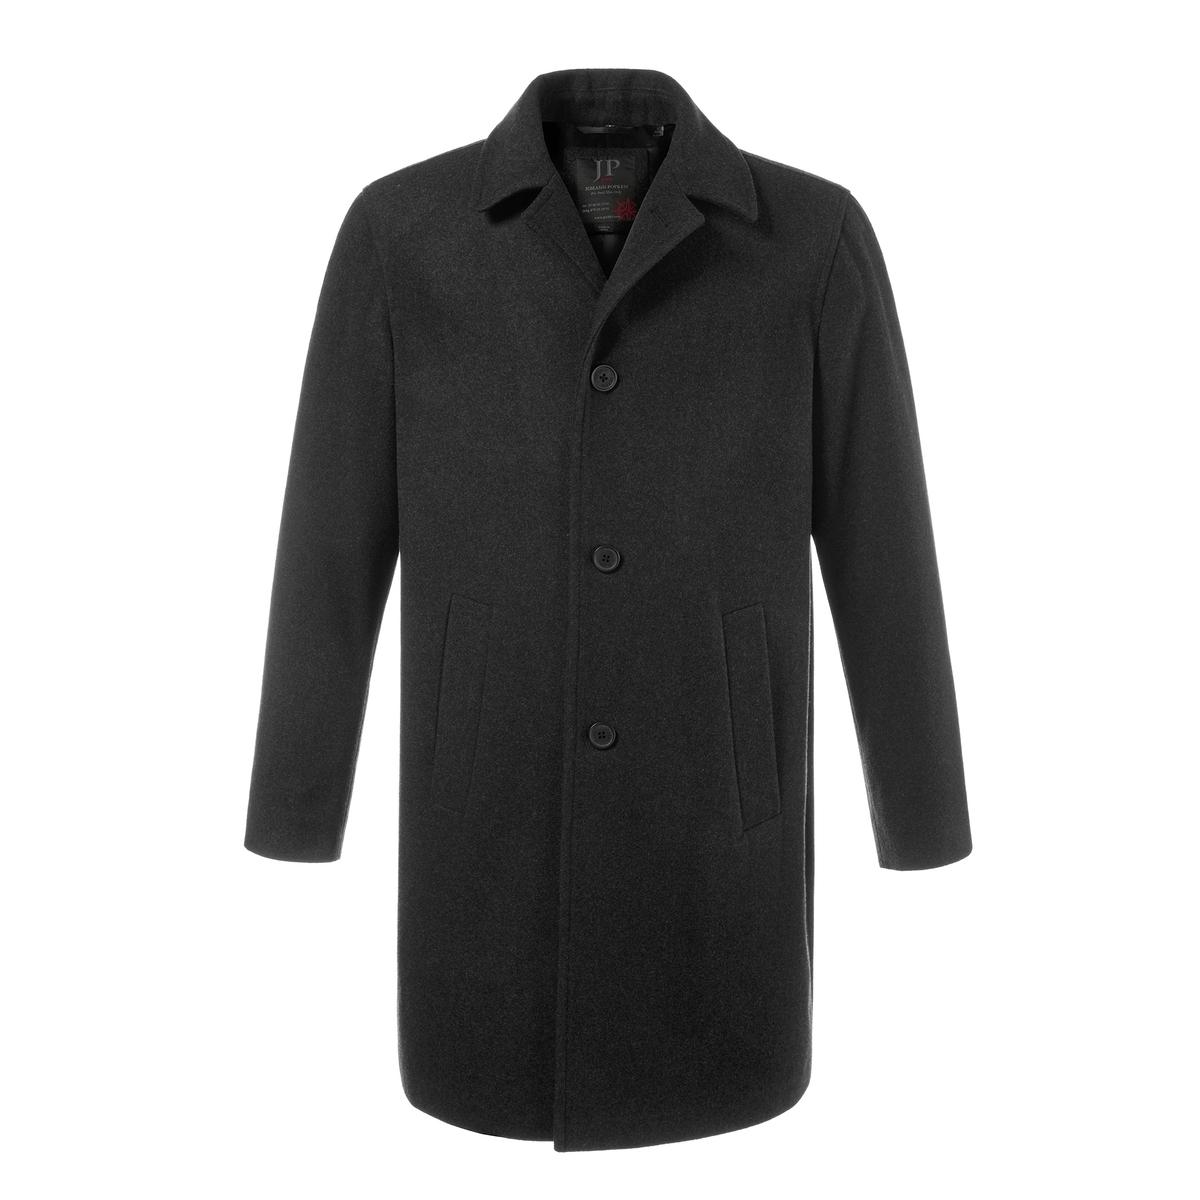 Пальто 50% шерстиШерсть высокого качества, отвороты, пуговицы и 2 кармана . Разрез сзади, подкладка с карманами . Длина в зависимости от размера 97 - 106 см .<br><br>Цвет: черный<br>Размер: 6XL